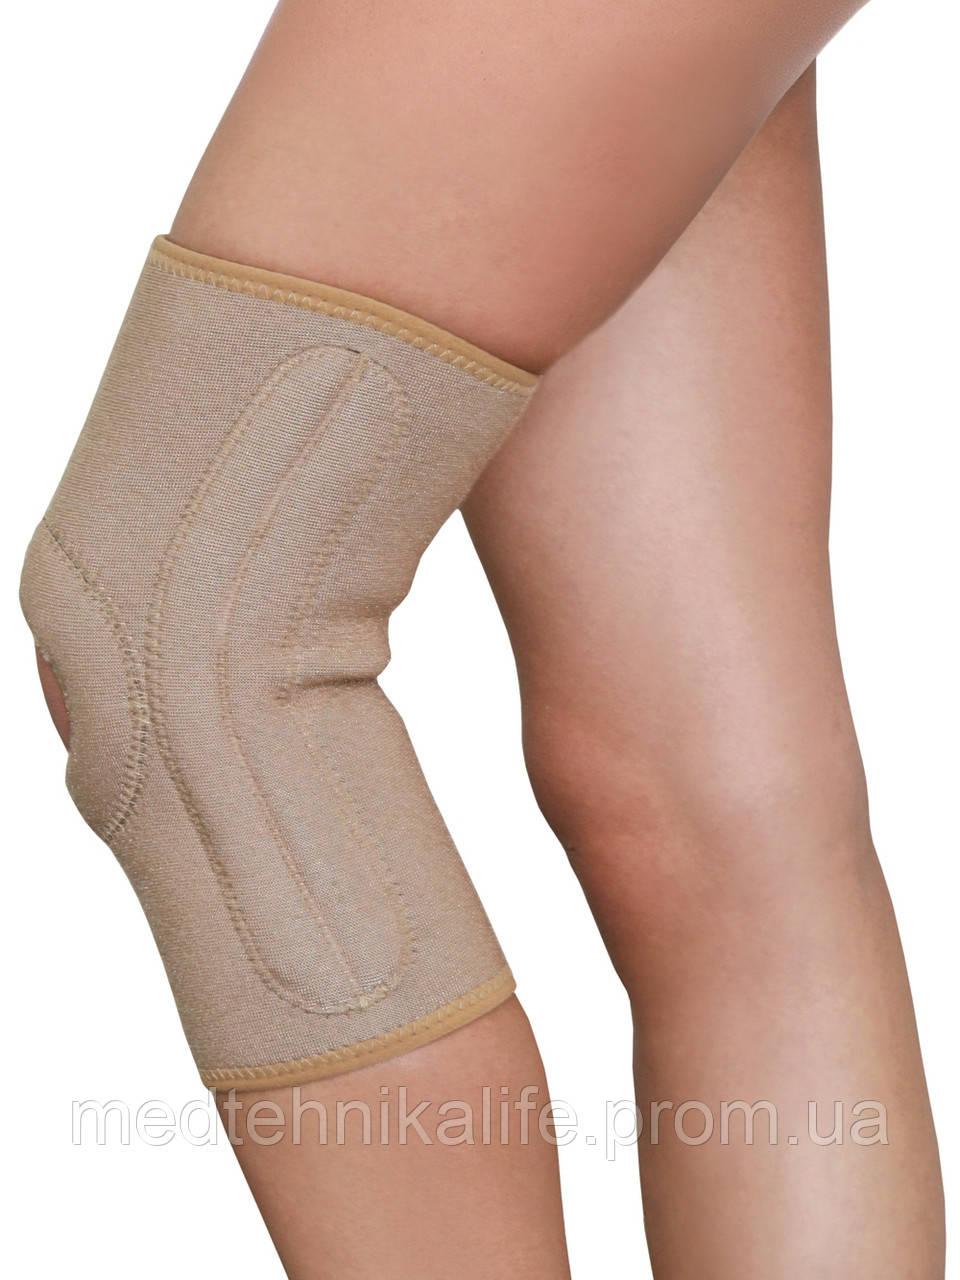 Стоимость бандажа для коленного сустава реферат вывих височно-нижнечелюстного сустава